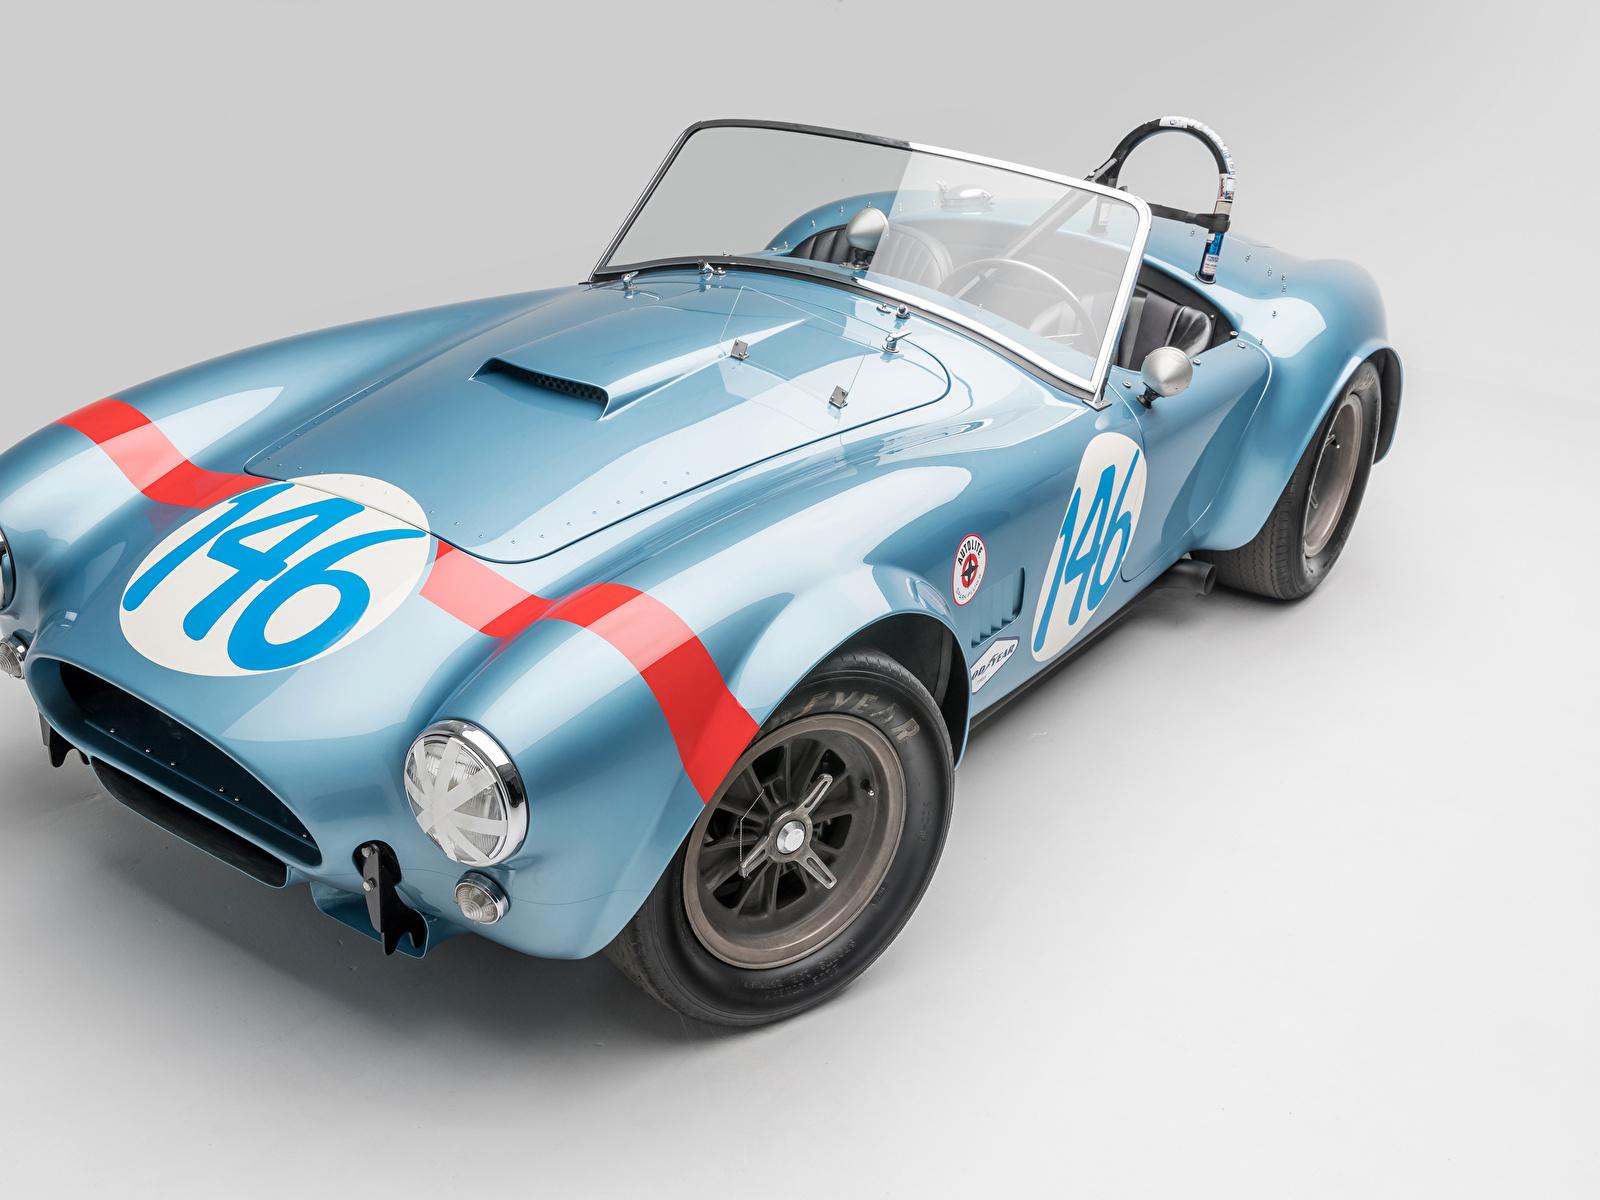 Фотографии SSC 1964 Shelby Cobra 289 FIA Competition Родстер Кабриолет Винтаж Голубой Авто Серый фон 1600x1200 Shelby Super Cars Ретро старинные Машины Автомобили